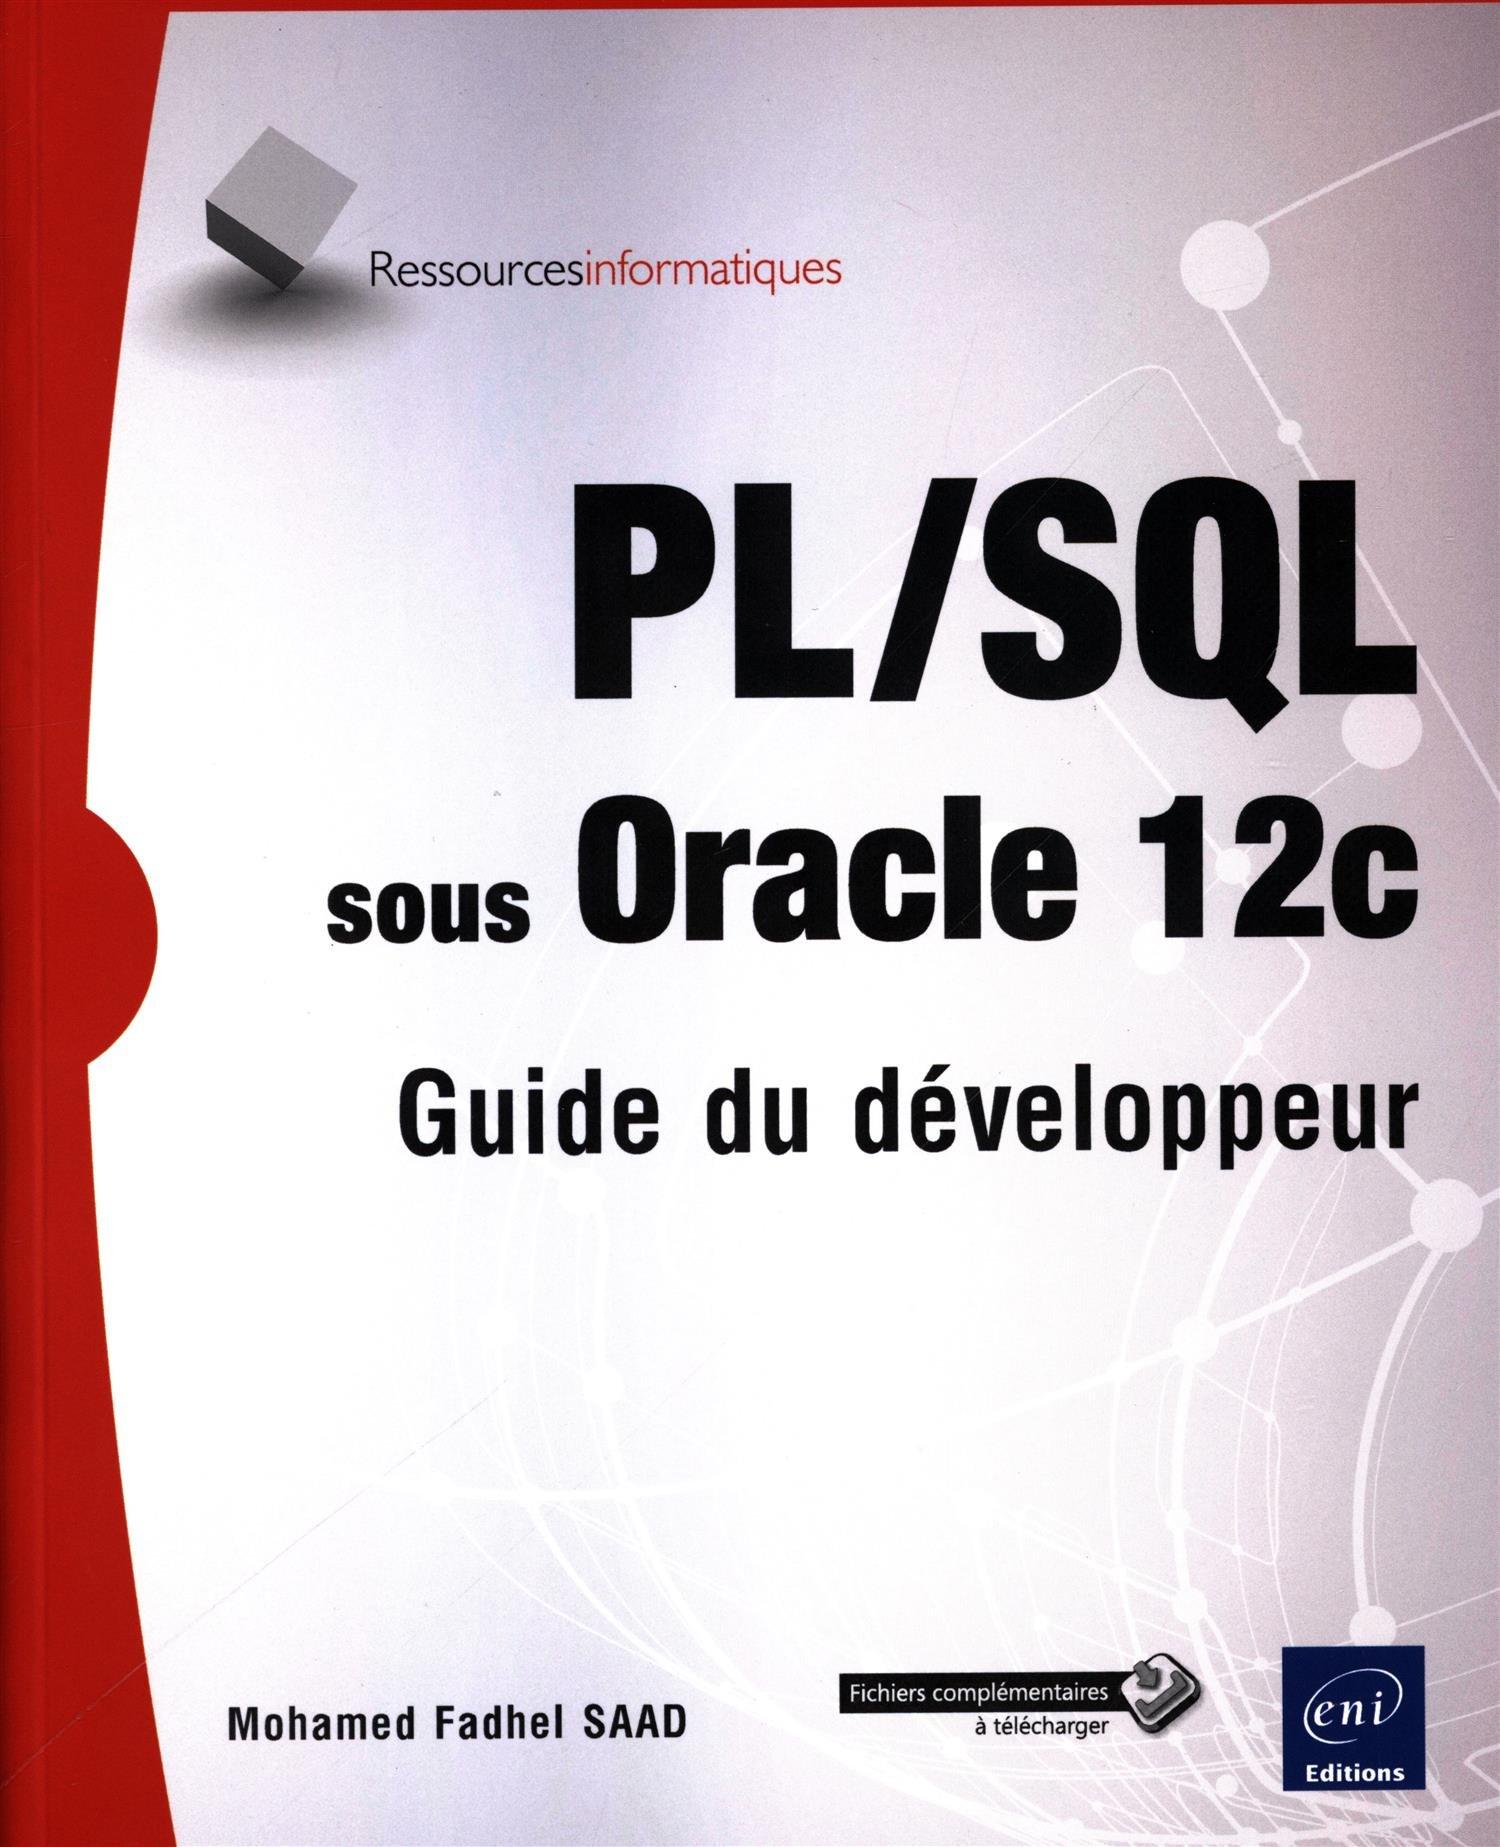 PL/SQL sous Oracle 12c - Guide du développeur Broché – 12 octobre 2016 Mohamed Fadhel SAAD Editions ENI 2409003761 Informatique